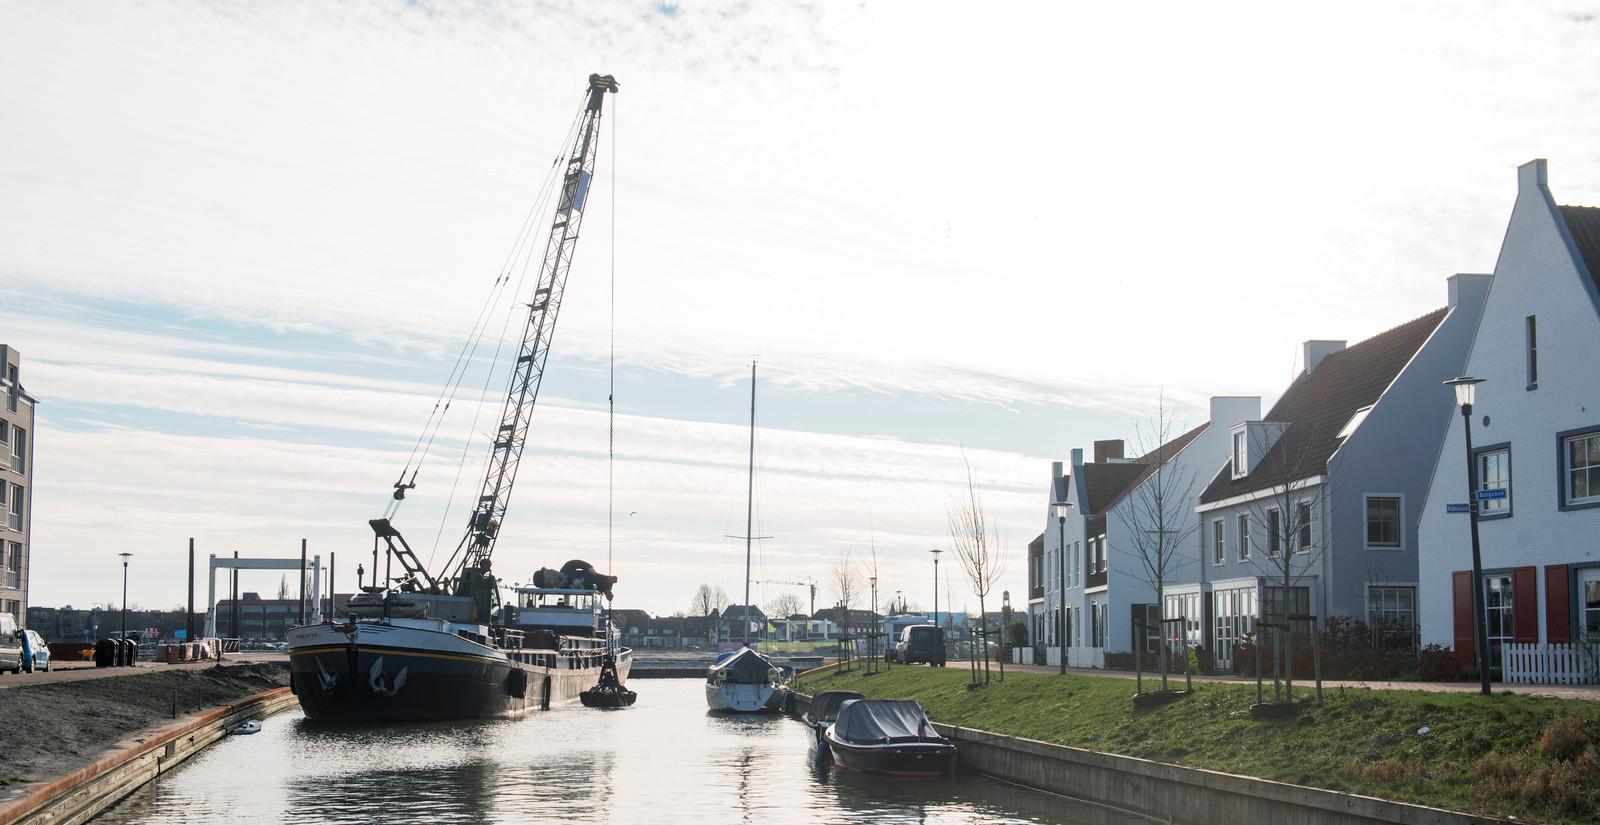 Vanaf het schip Poolster wordt de nieuwe gracht tussen de straten Robbenzand (rechts) en Waterstad Boulevard (links) in het Waterfront hier en daar verder op diepte gebracht. Op de achtergrond is de bebouwing zichtbaar op de hoek van de Strandboulevard en de Havendam.